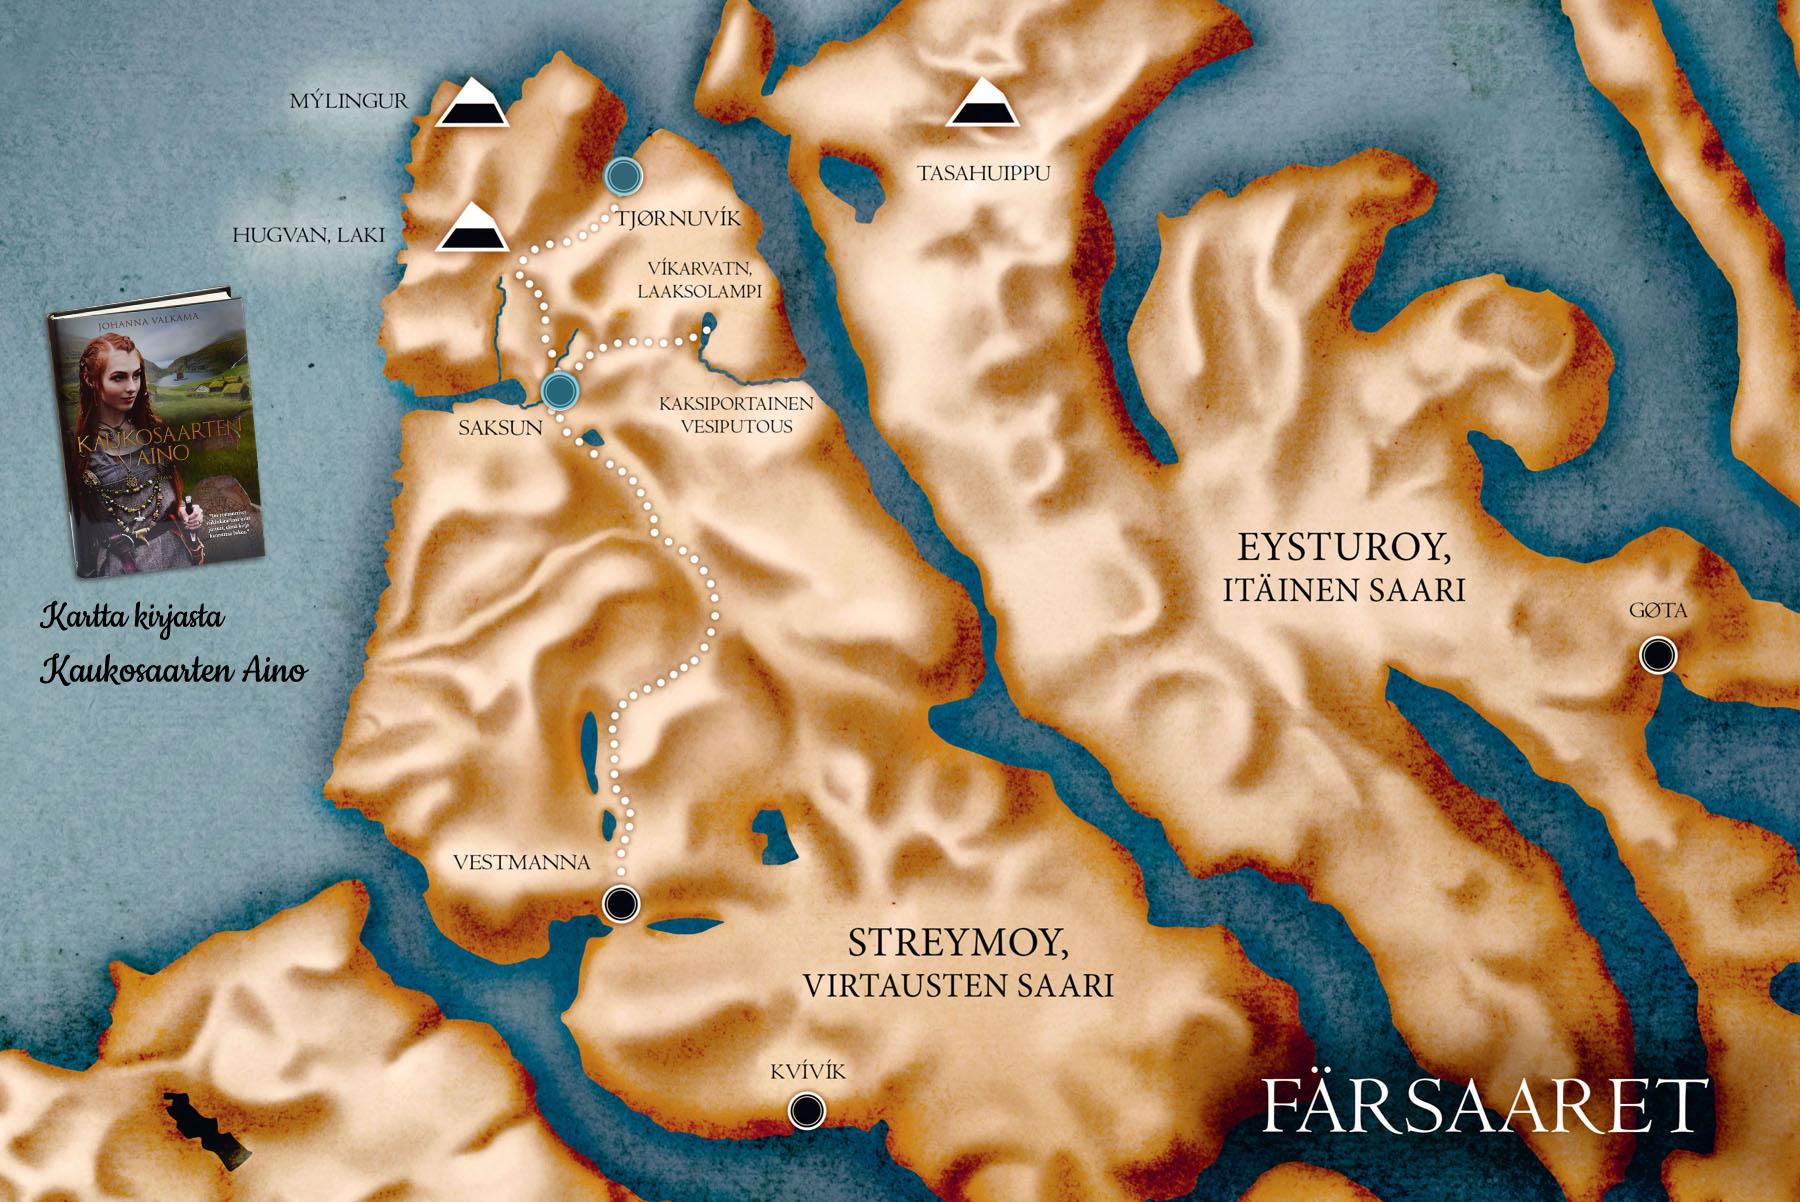 Farsaaret Kartta Retkipaikka